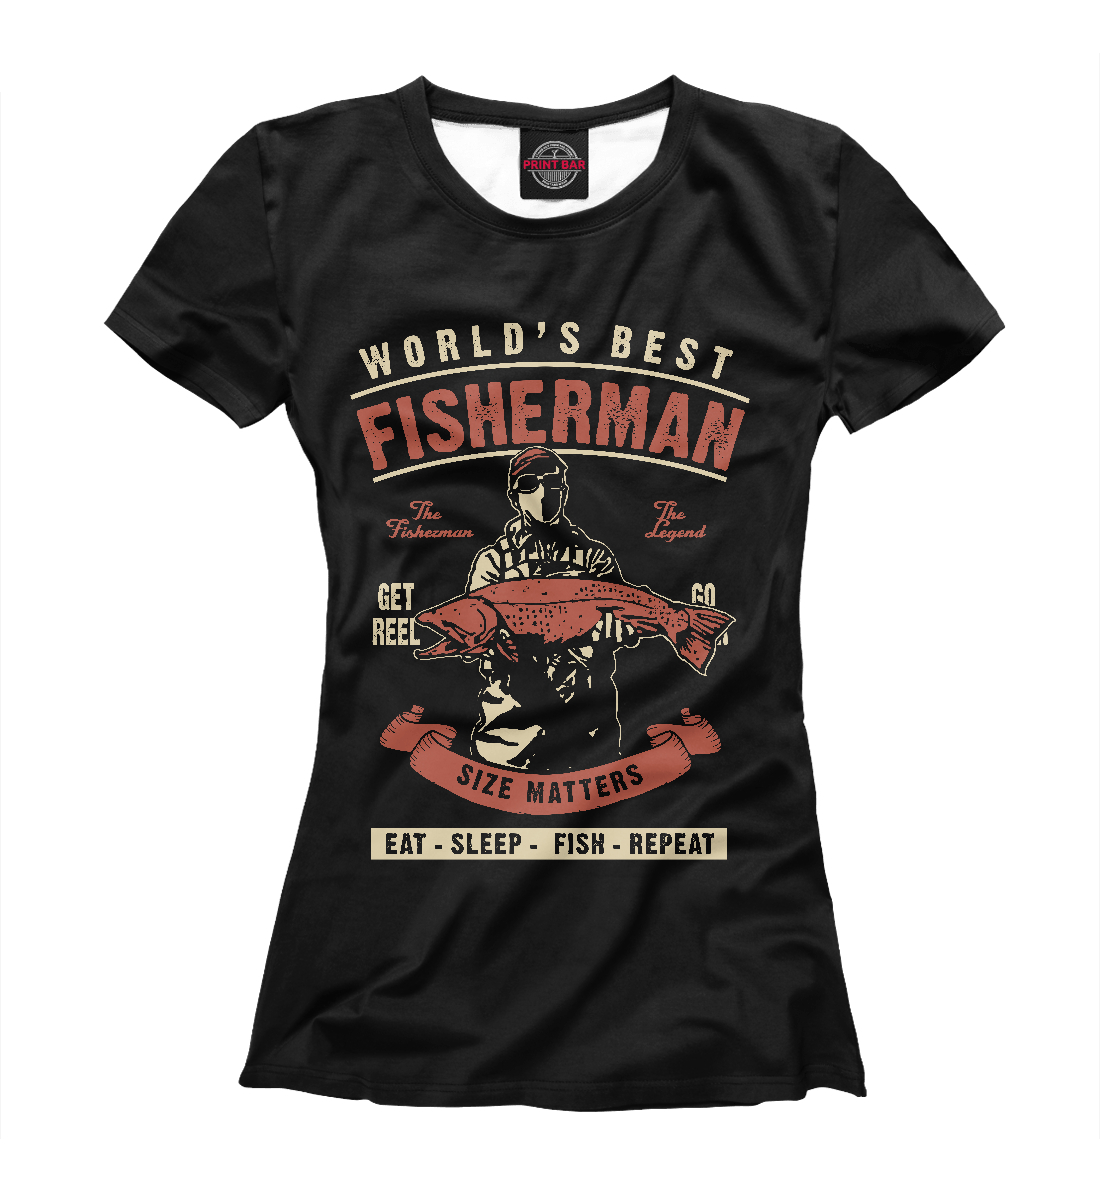 Фото - Лучший в мире рыбак лучший в мире рыбак